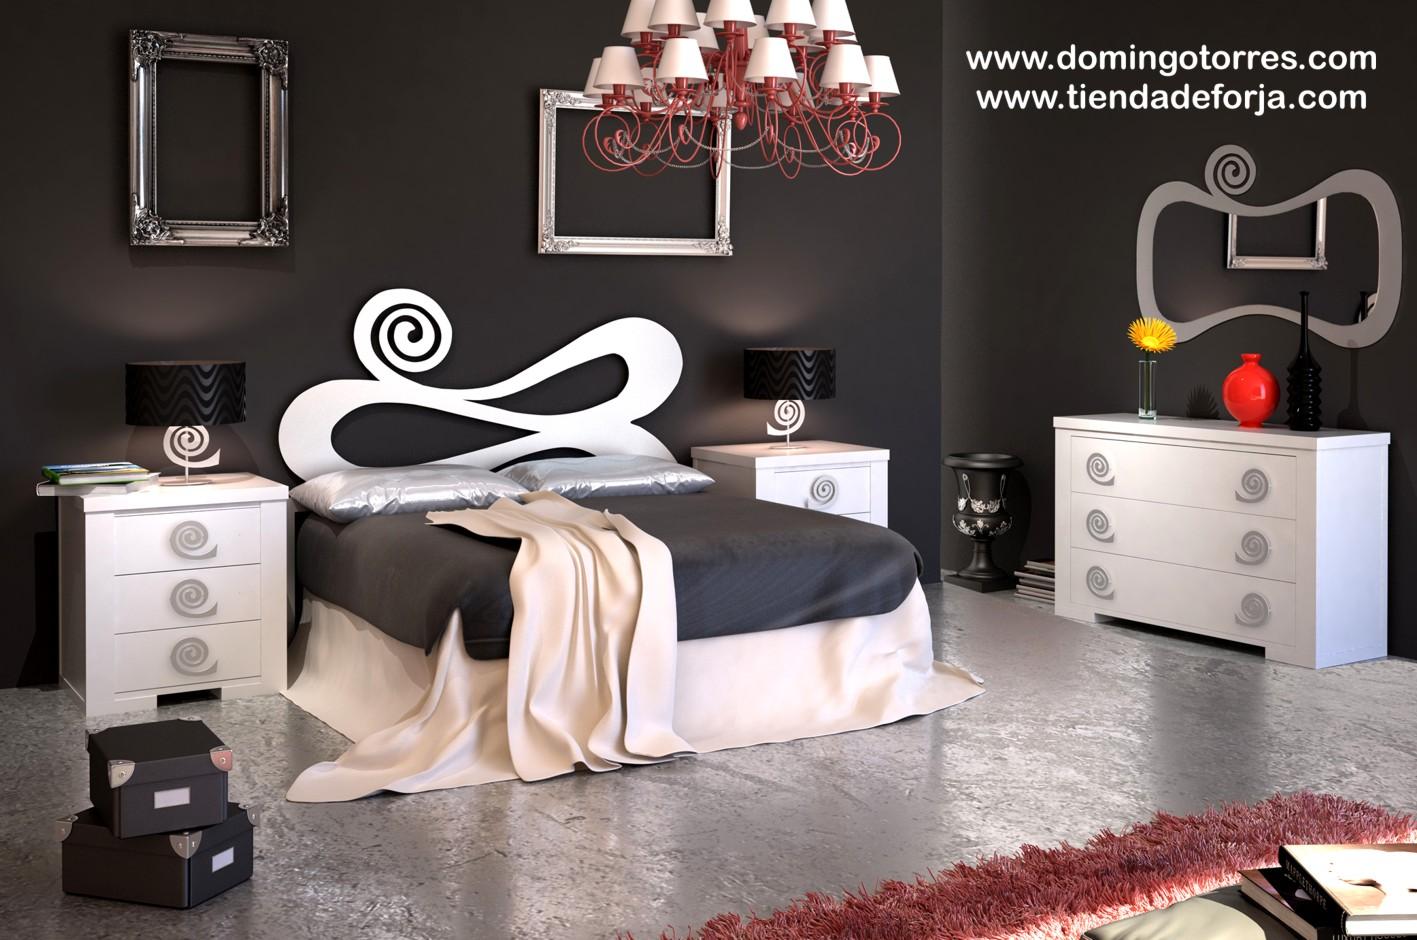 cama y cabecero original de forja c